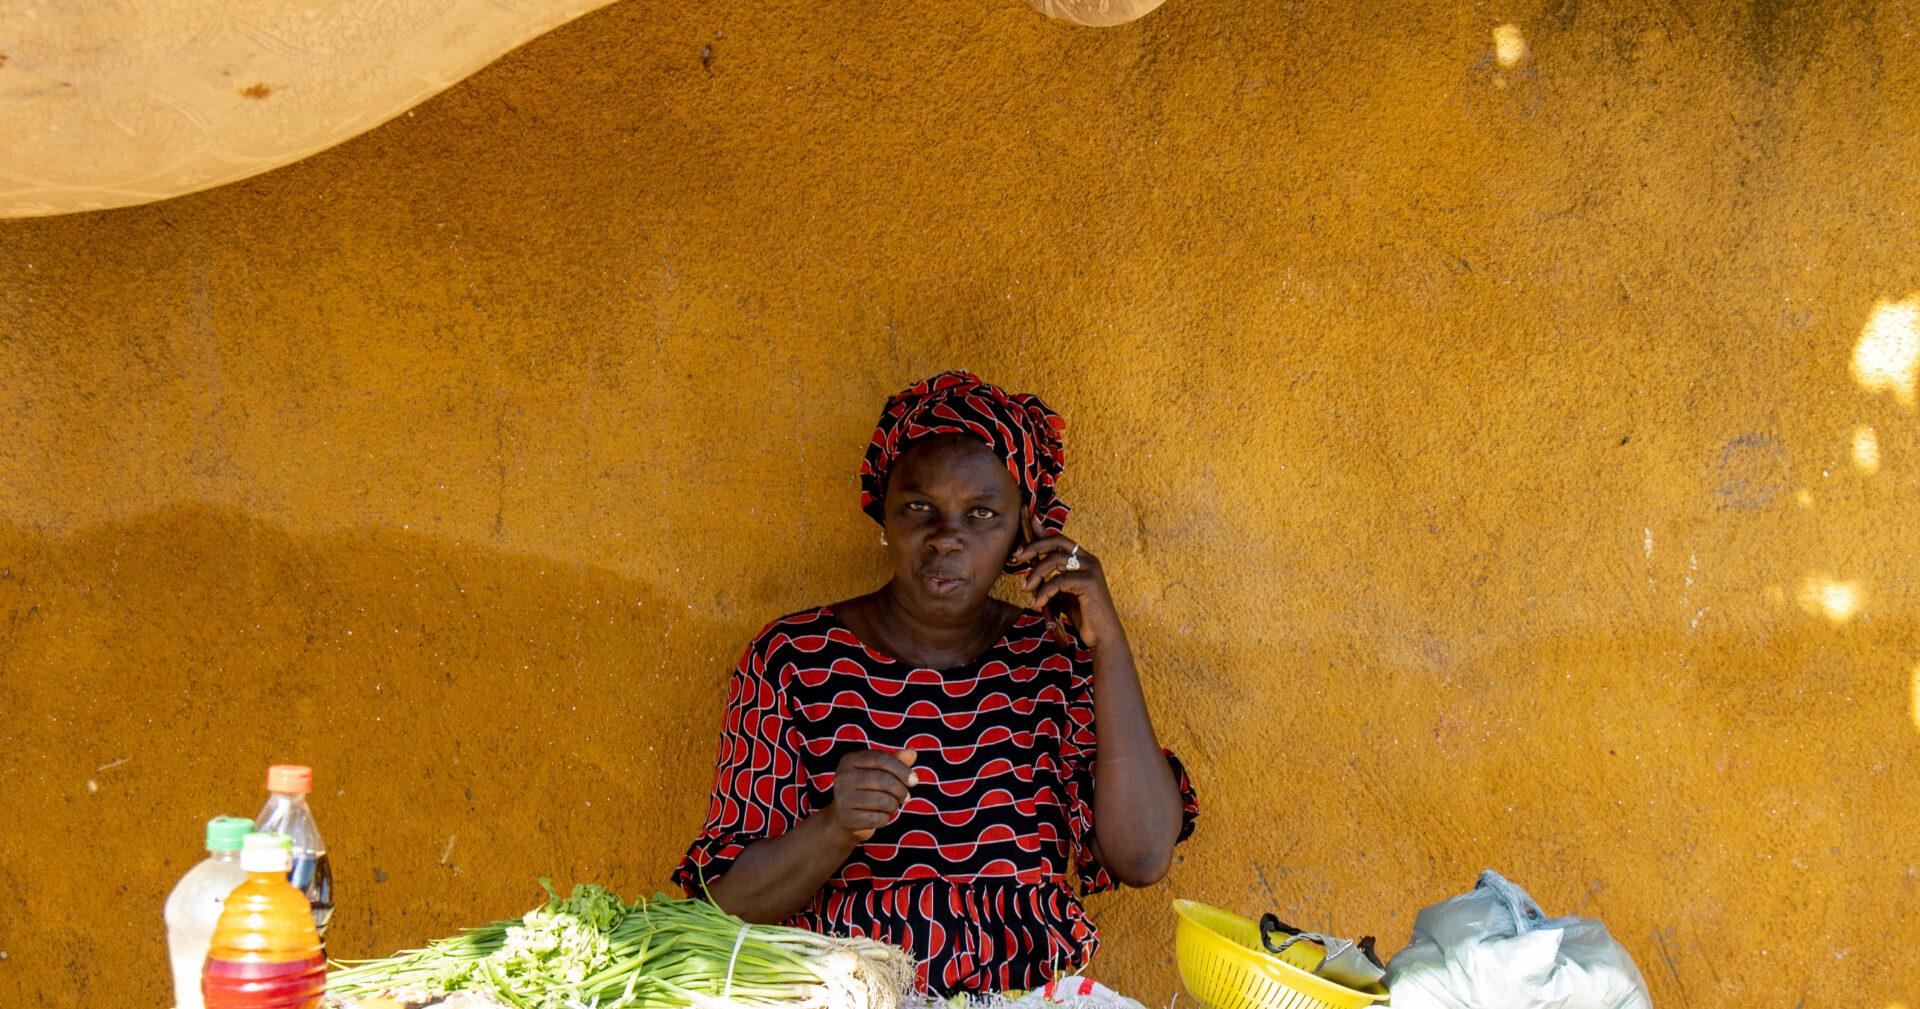 Senegal - Women entrepreneur - support local entrepreneurs